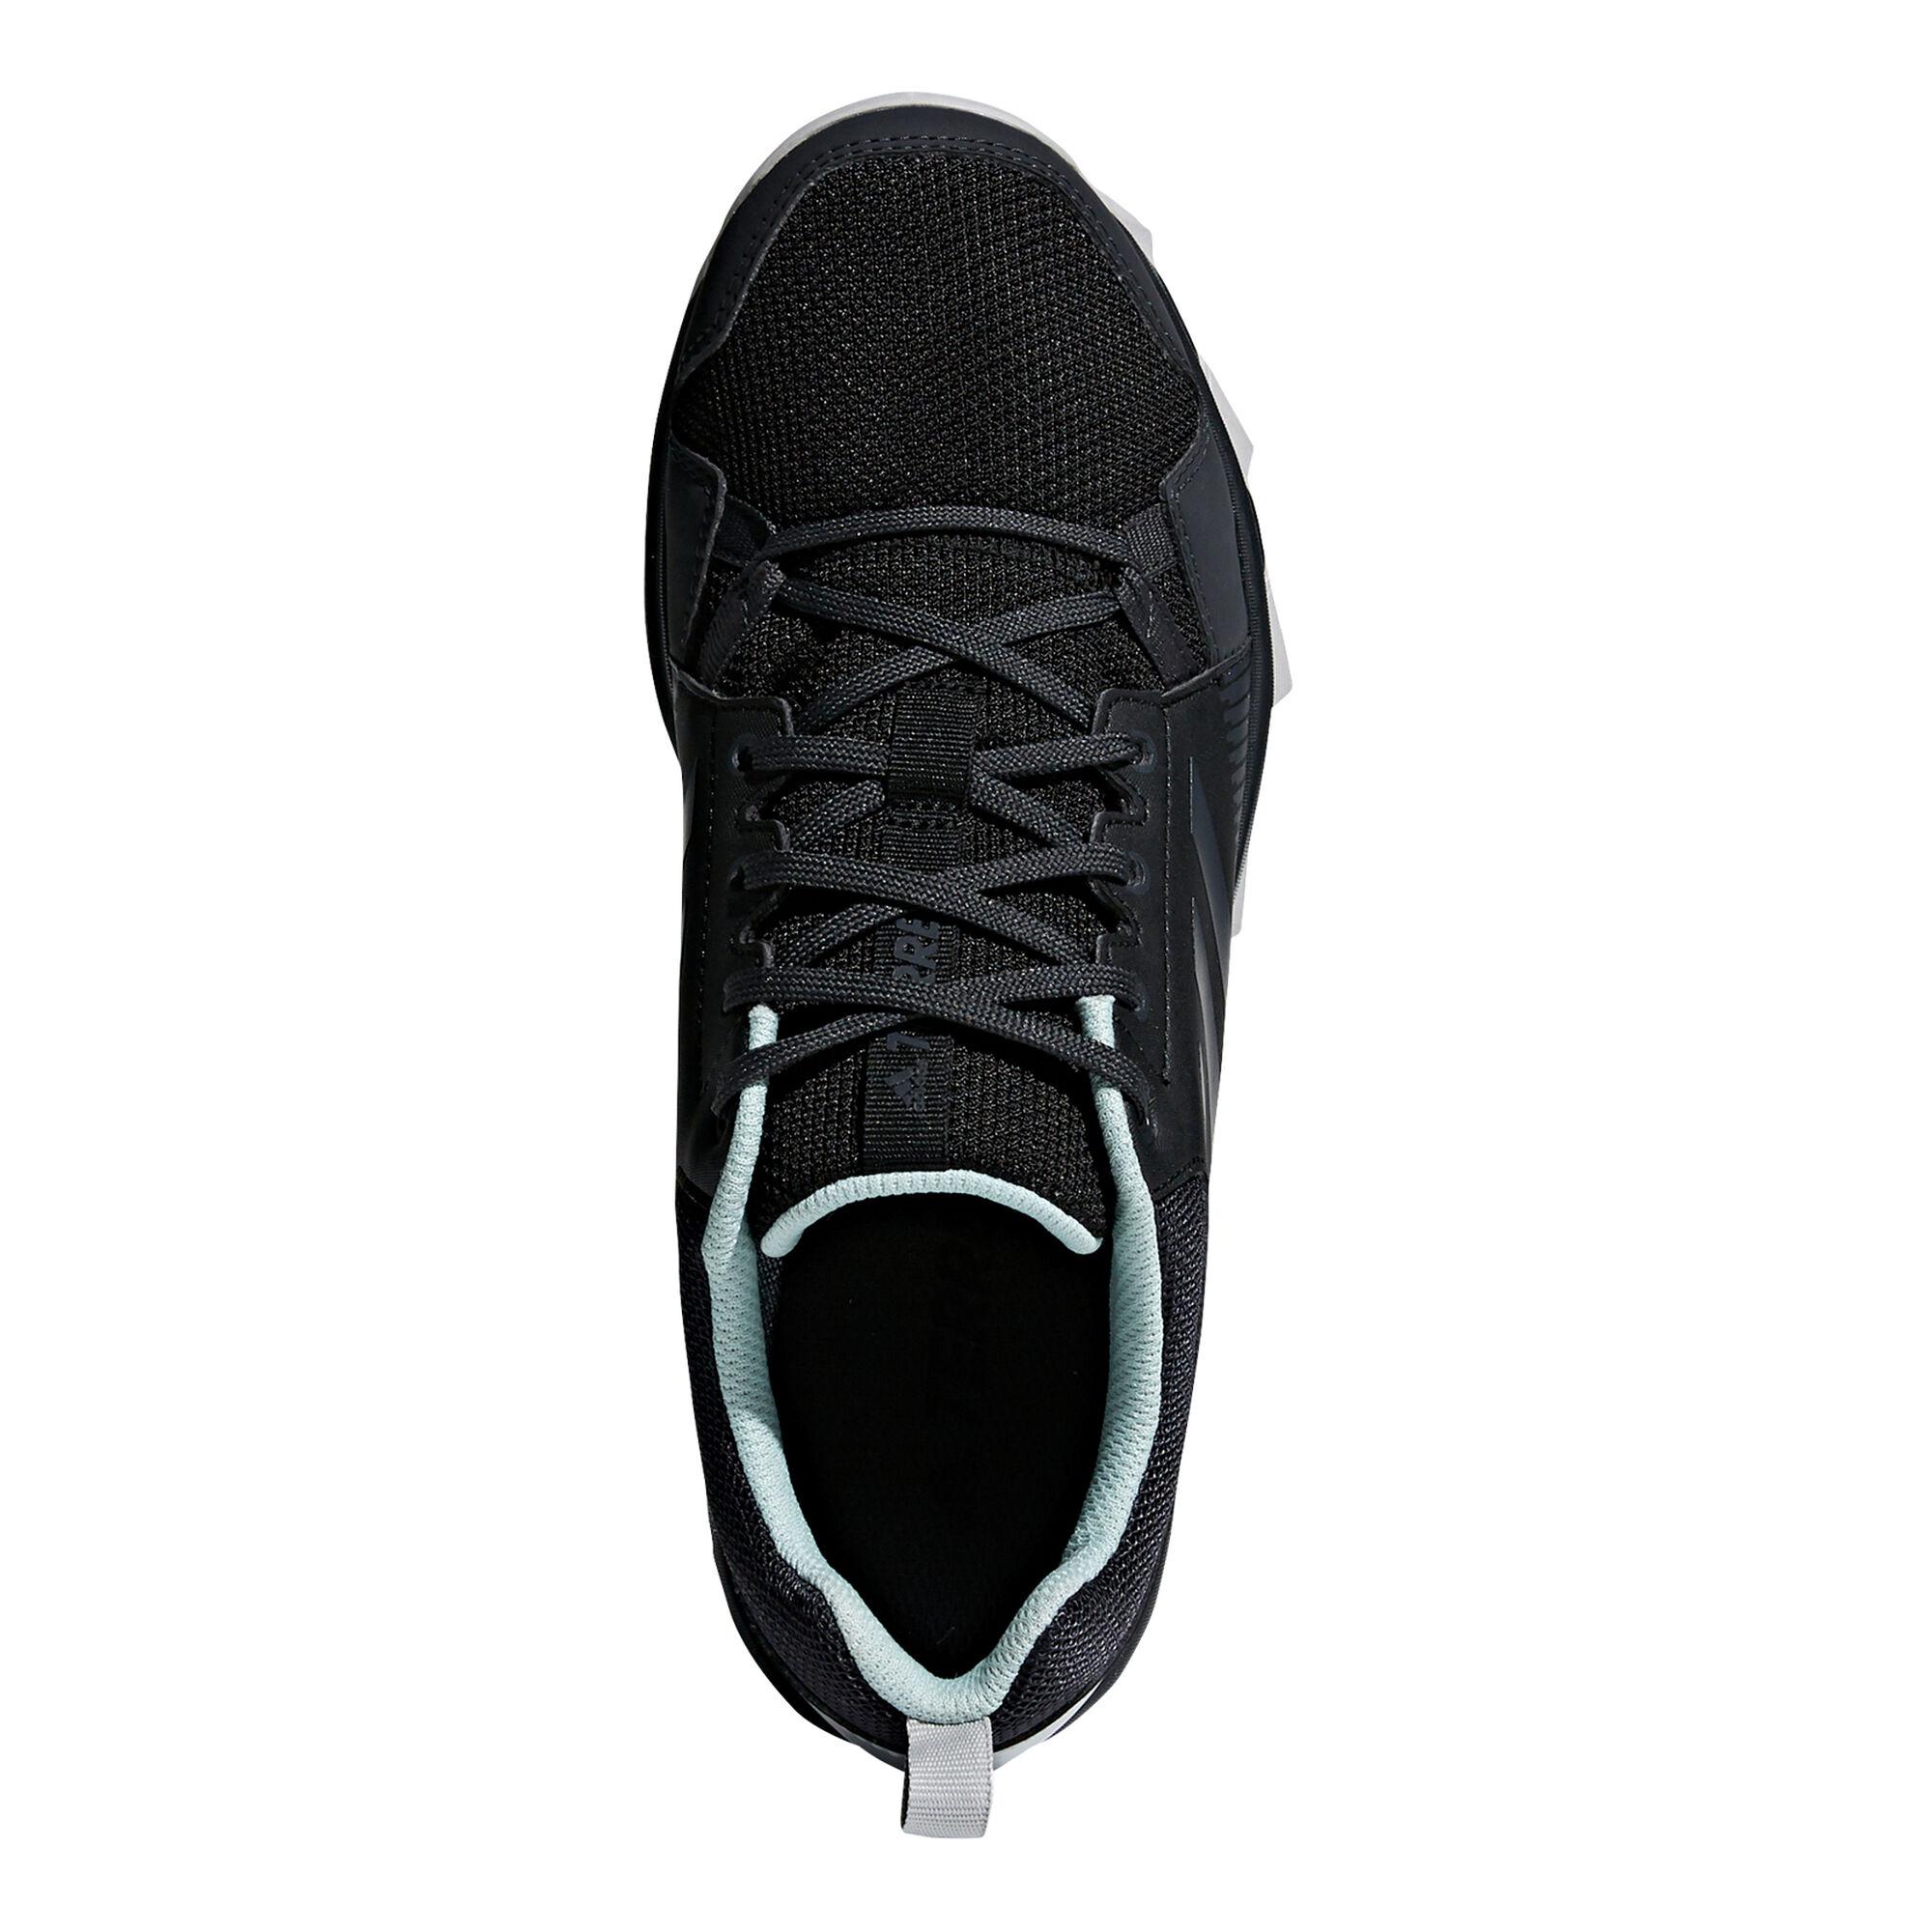 Sale -46%. adidas  adidas  adidas  adidas  adidas  adidas  adidas  adidas   adidas. Terrex Tracerocker GTX Women ... b0114c97c